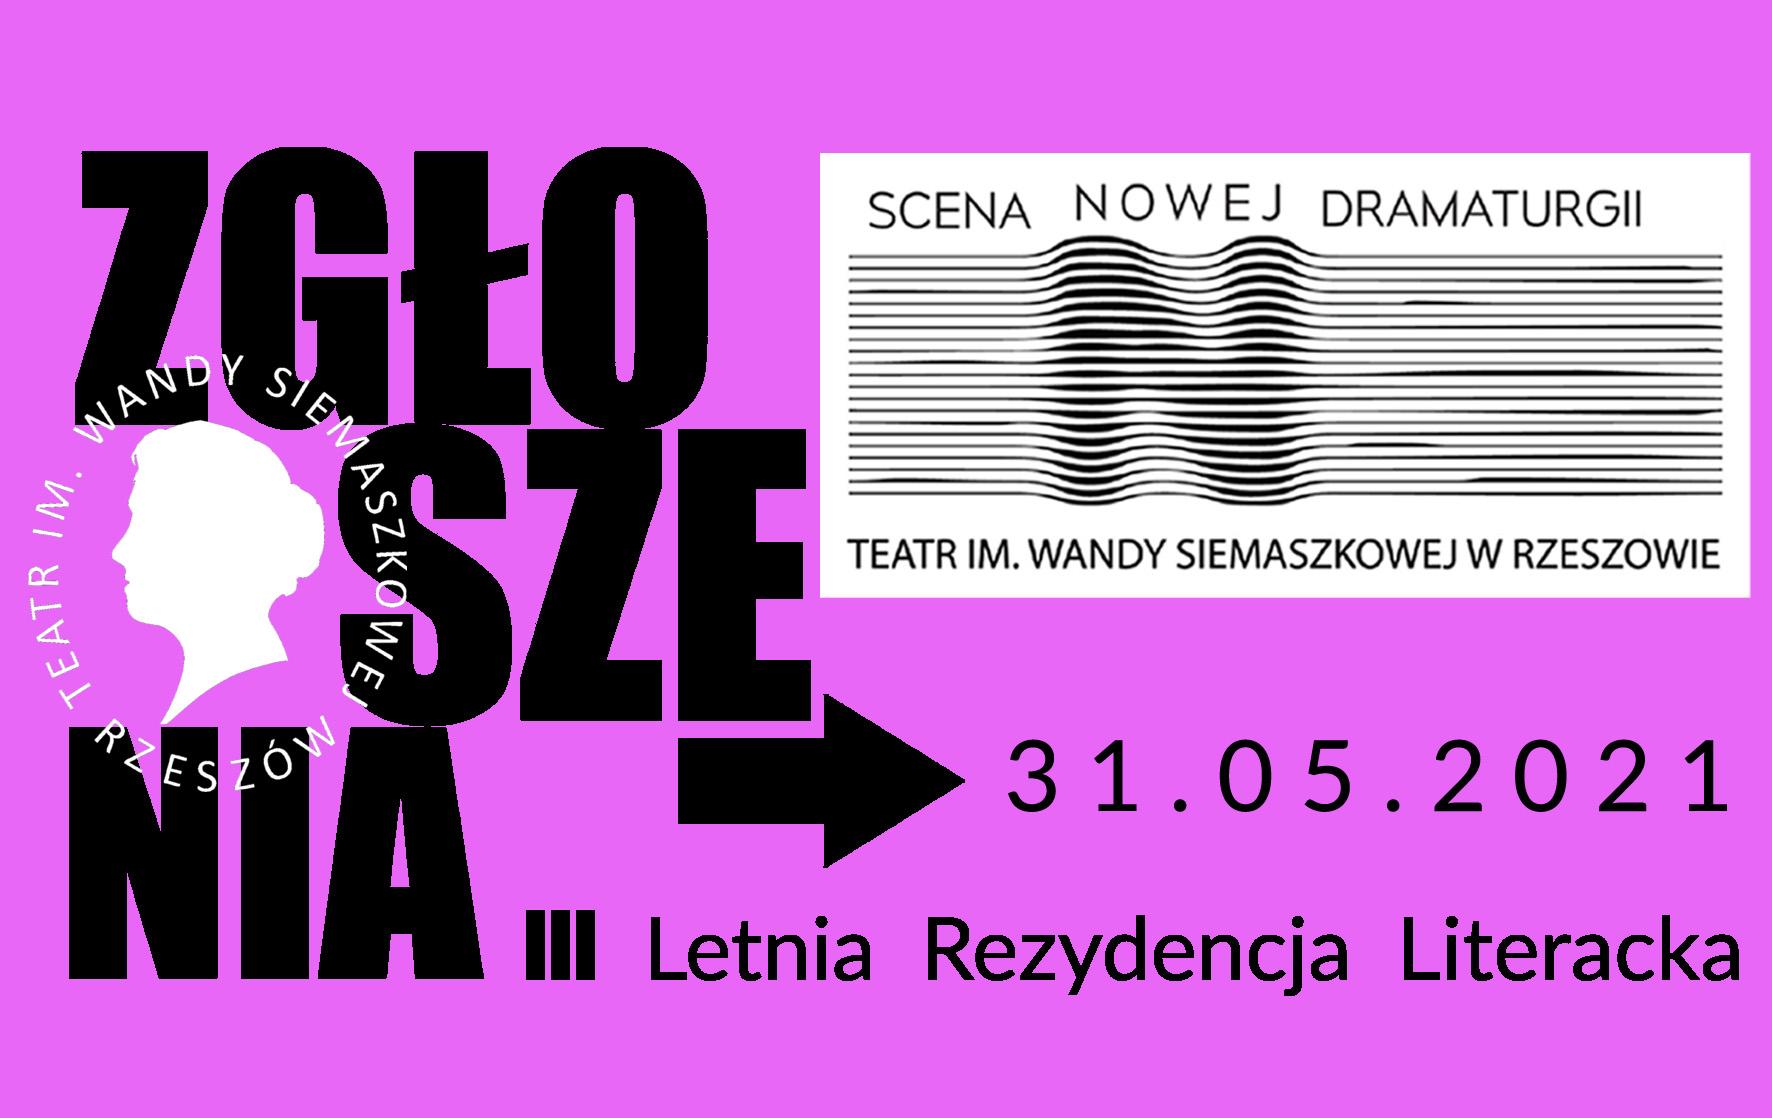 FORMULARZ ZGŁOSZENIOWY/ III Letnia rezydencja Literacka